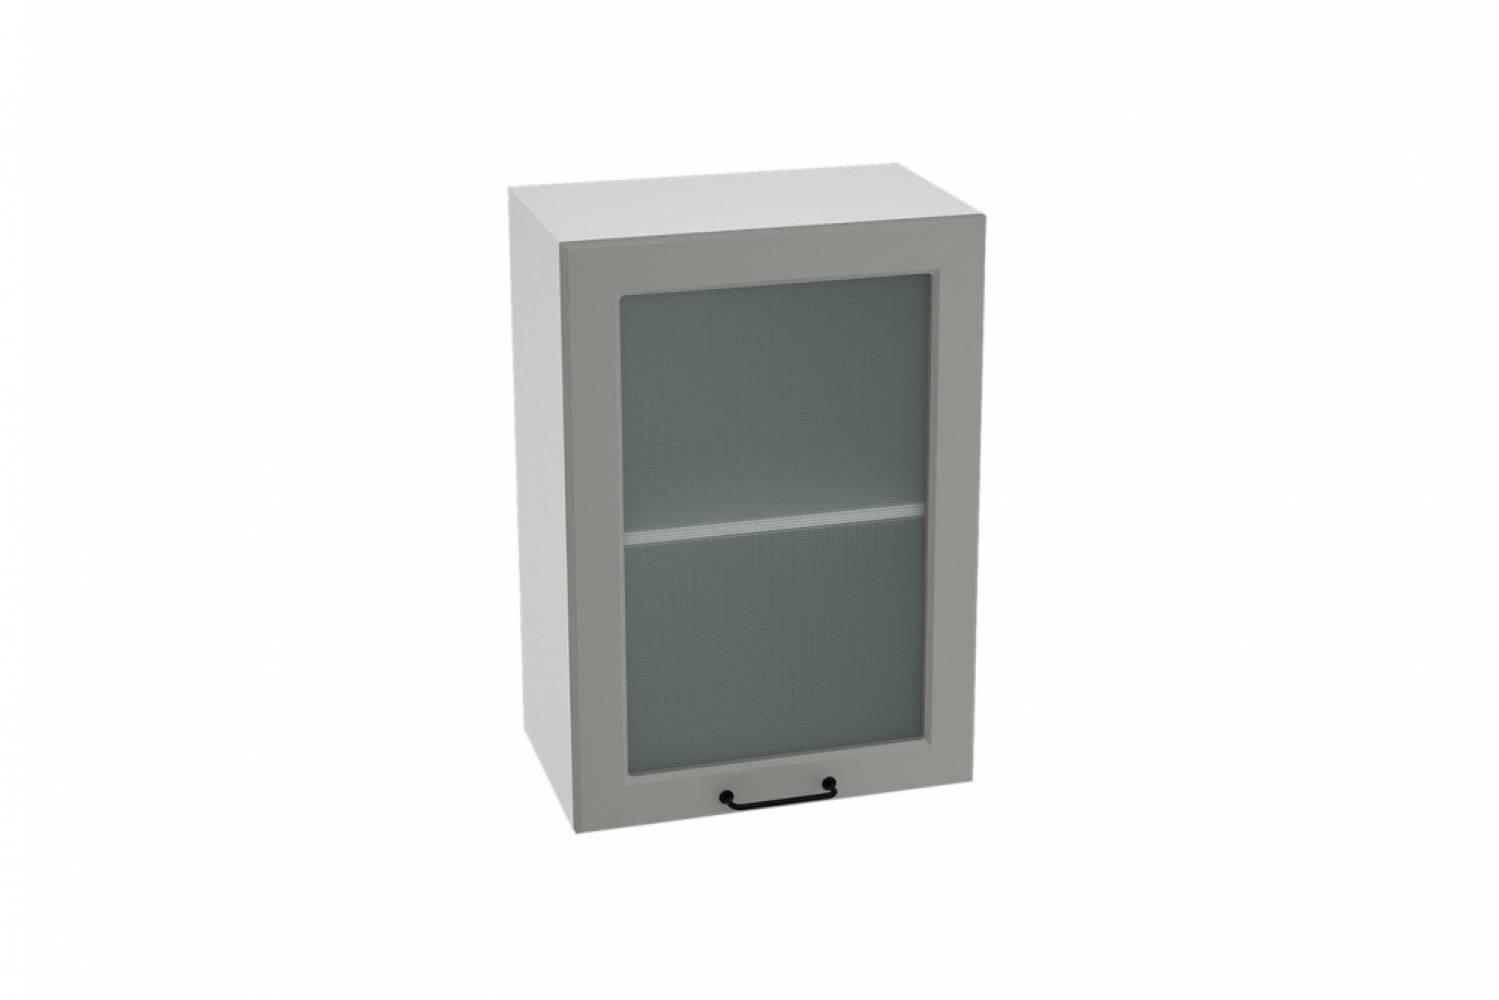 Шкаф верхний со стеклом ШВС 500 НИЦЦА ROYAL (MAGNUM) 500 мм